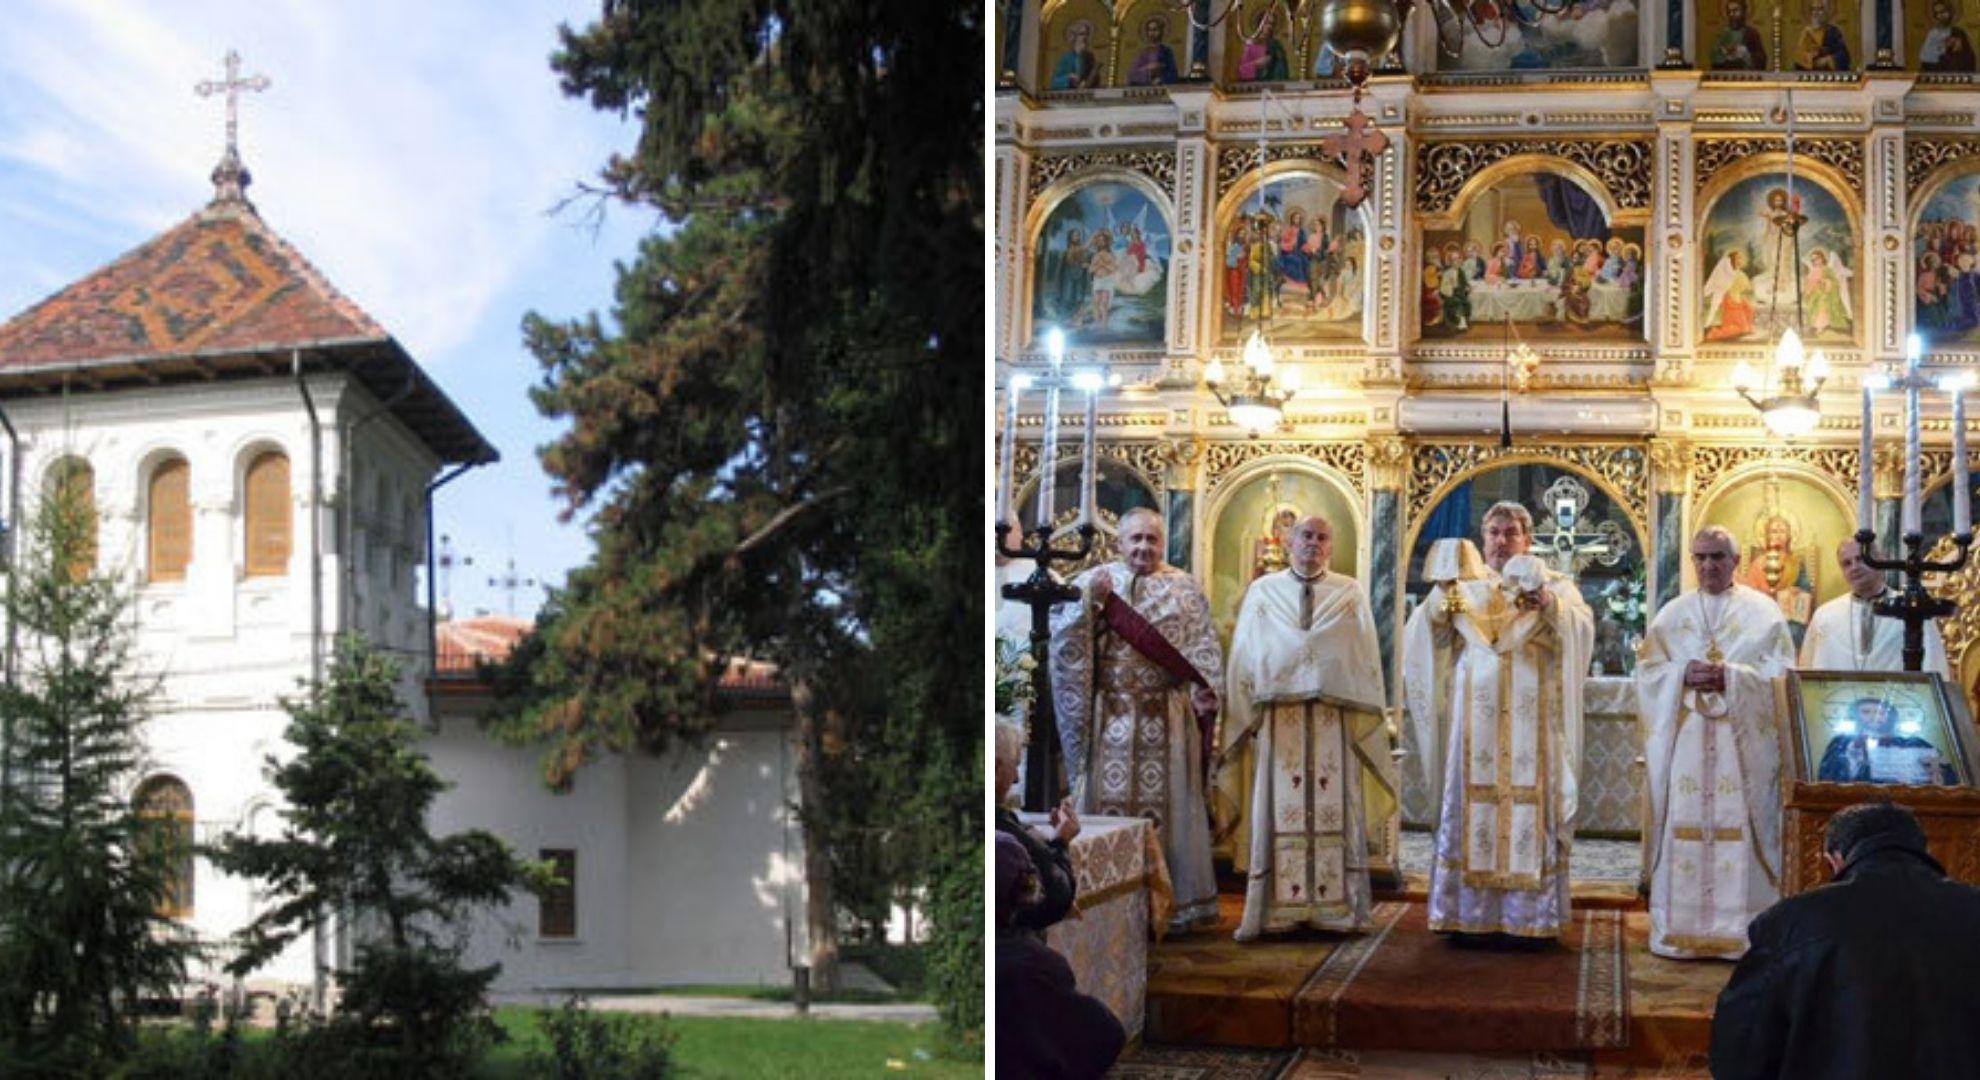 Sărbătoare mare la români. Ce biserici și mănăstiri au hramul Sfinților Mihail și Gavril